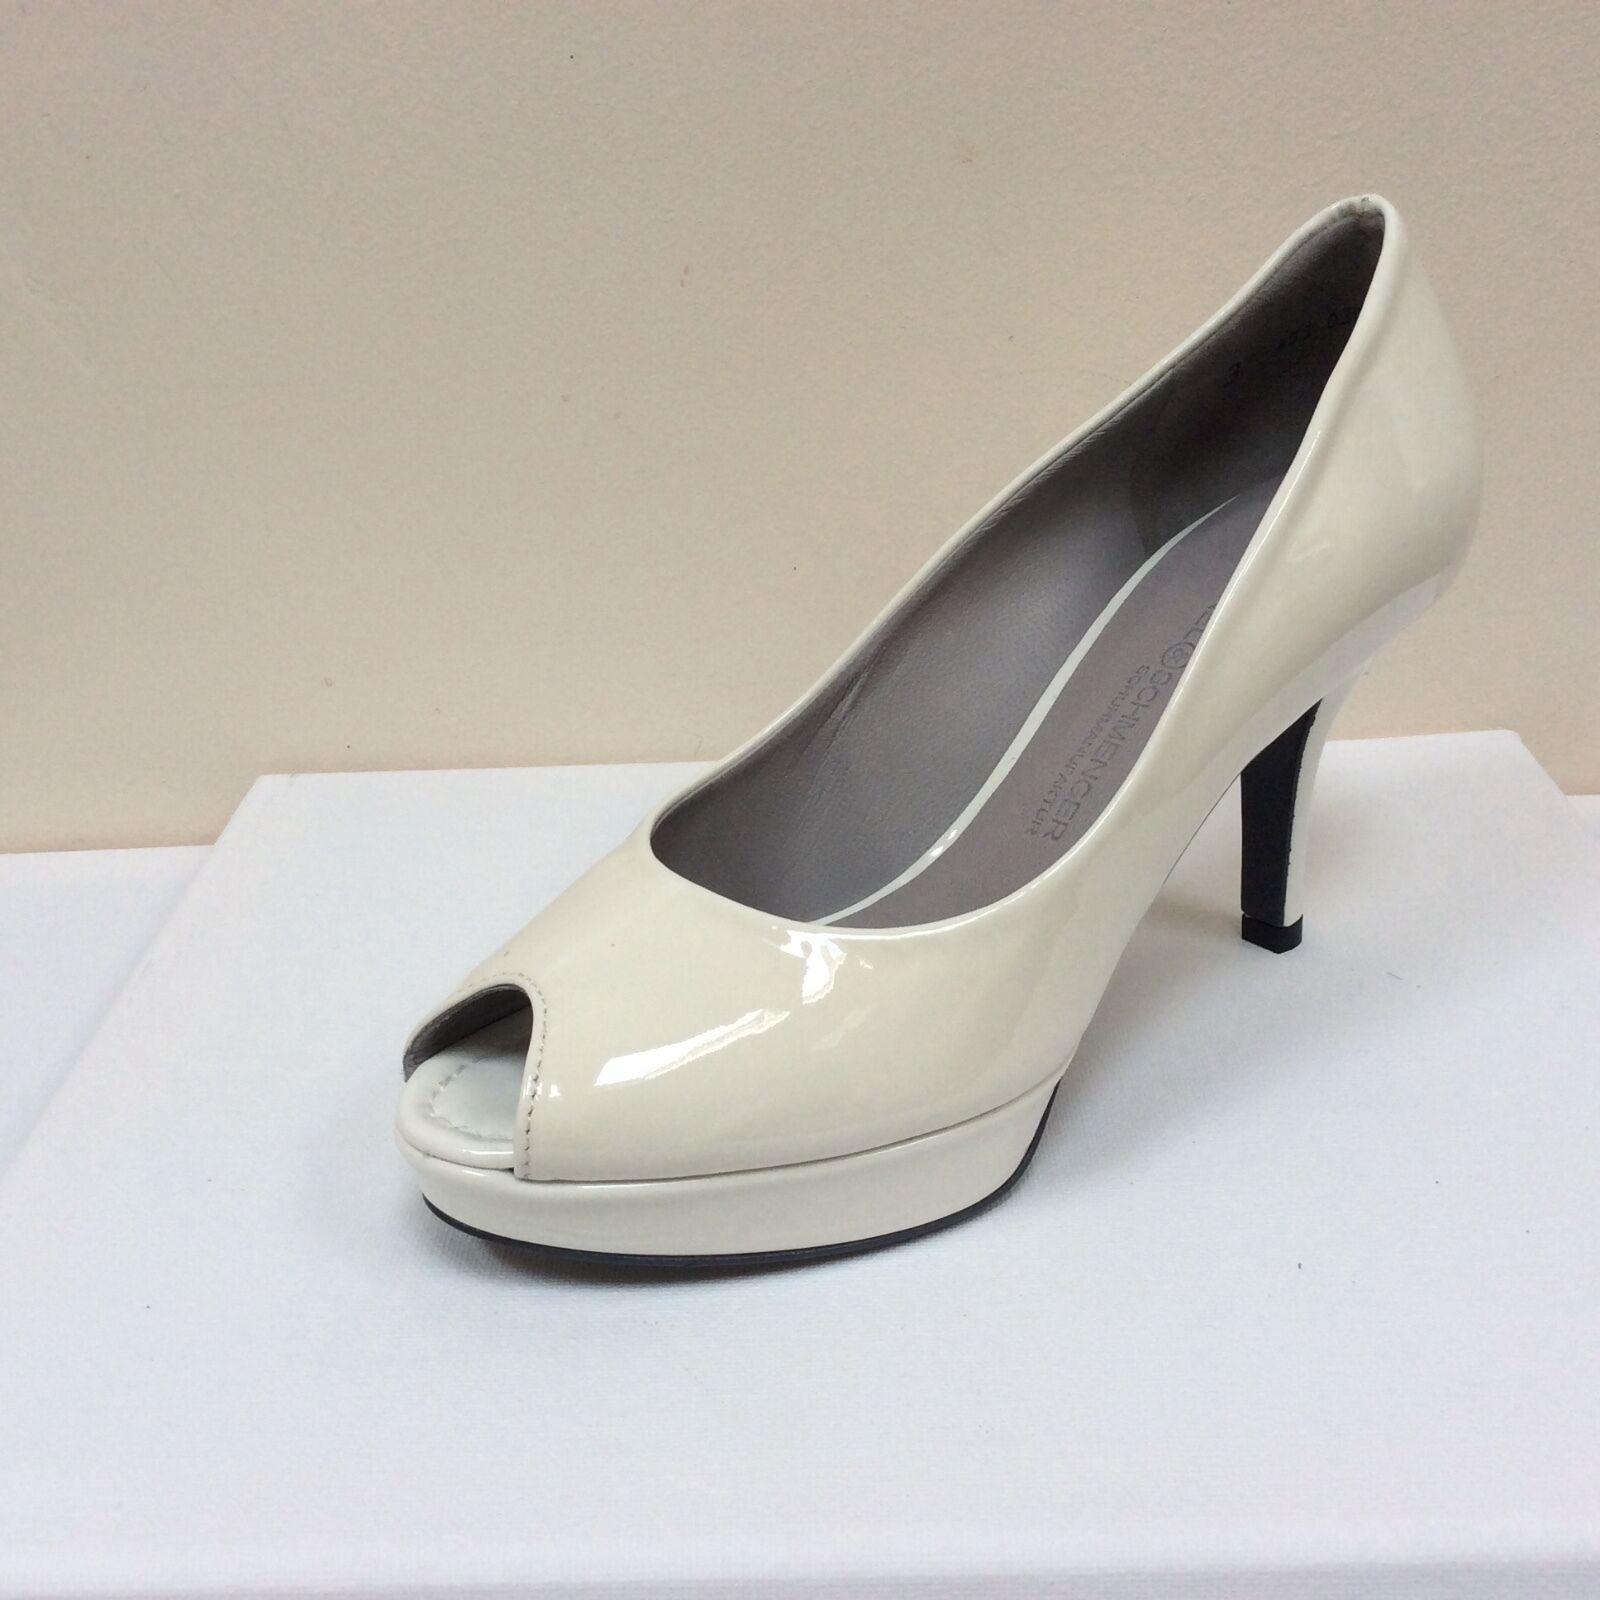 K&S WEISS patent peep toe platform court schuhe, UK 4.5/EU 37.5,   BNWB